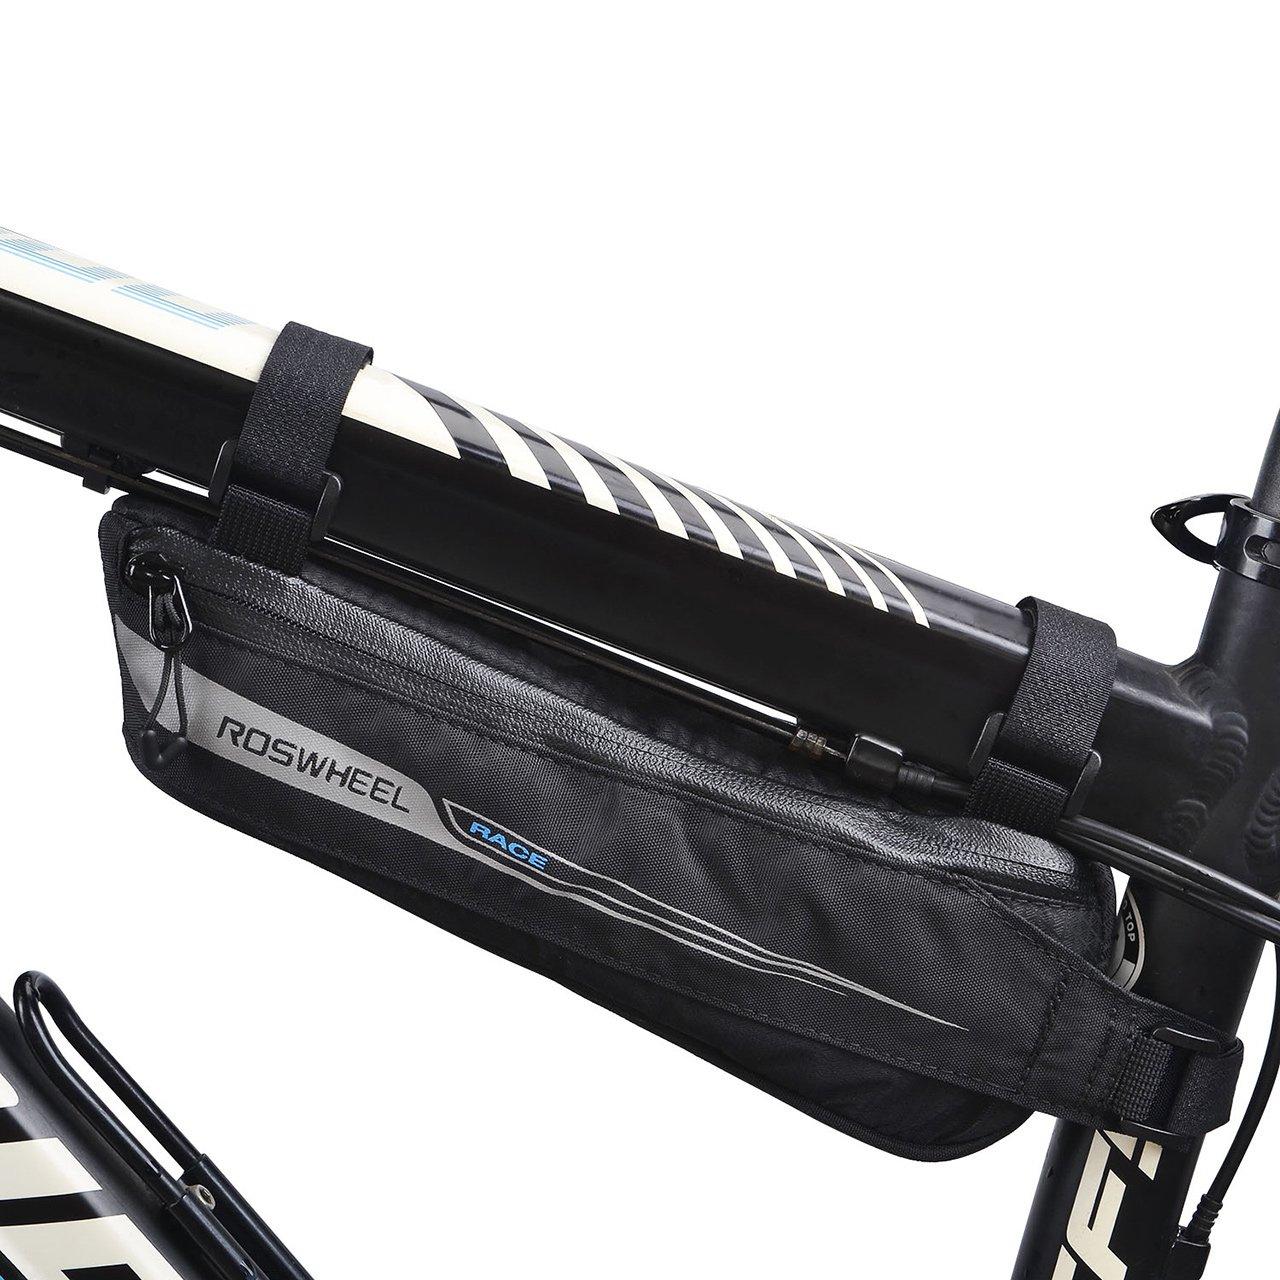 FlexDin Fahrradtasche Rahmen-Dreieckstasche Oberrohrtasche für Rennrad-Rennen/Triathlon-Fahrräder, Rahmentasche Wasserdicht Schwarz 0.6L FLD-SP05